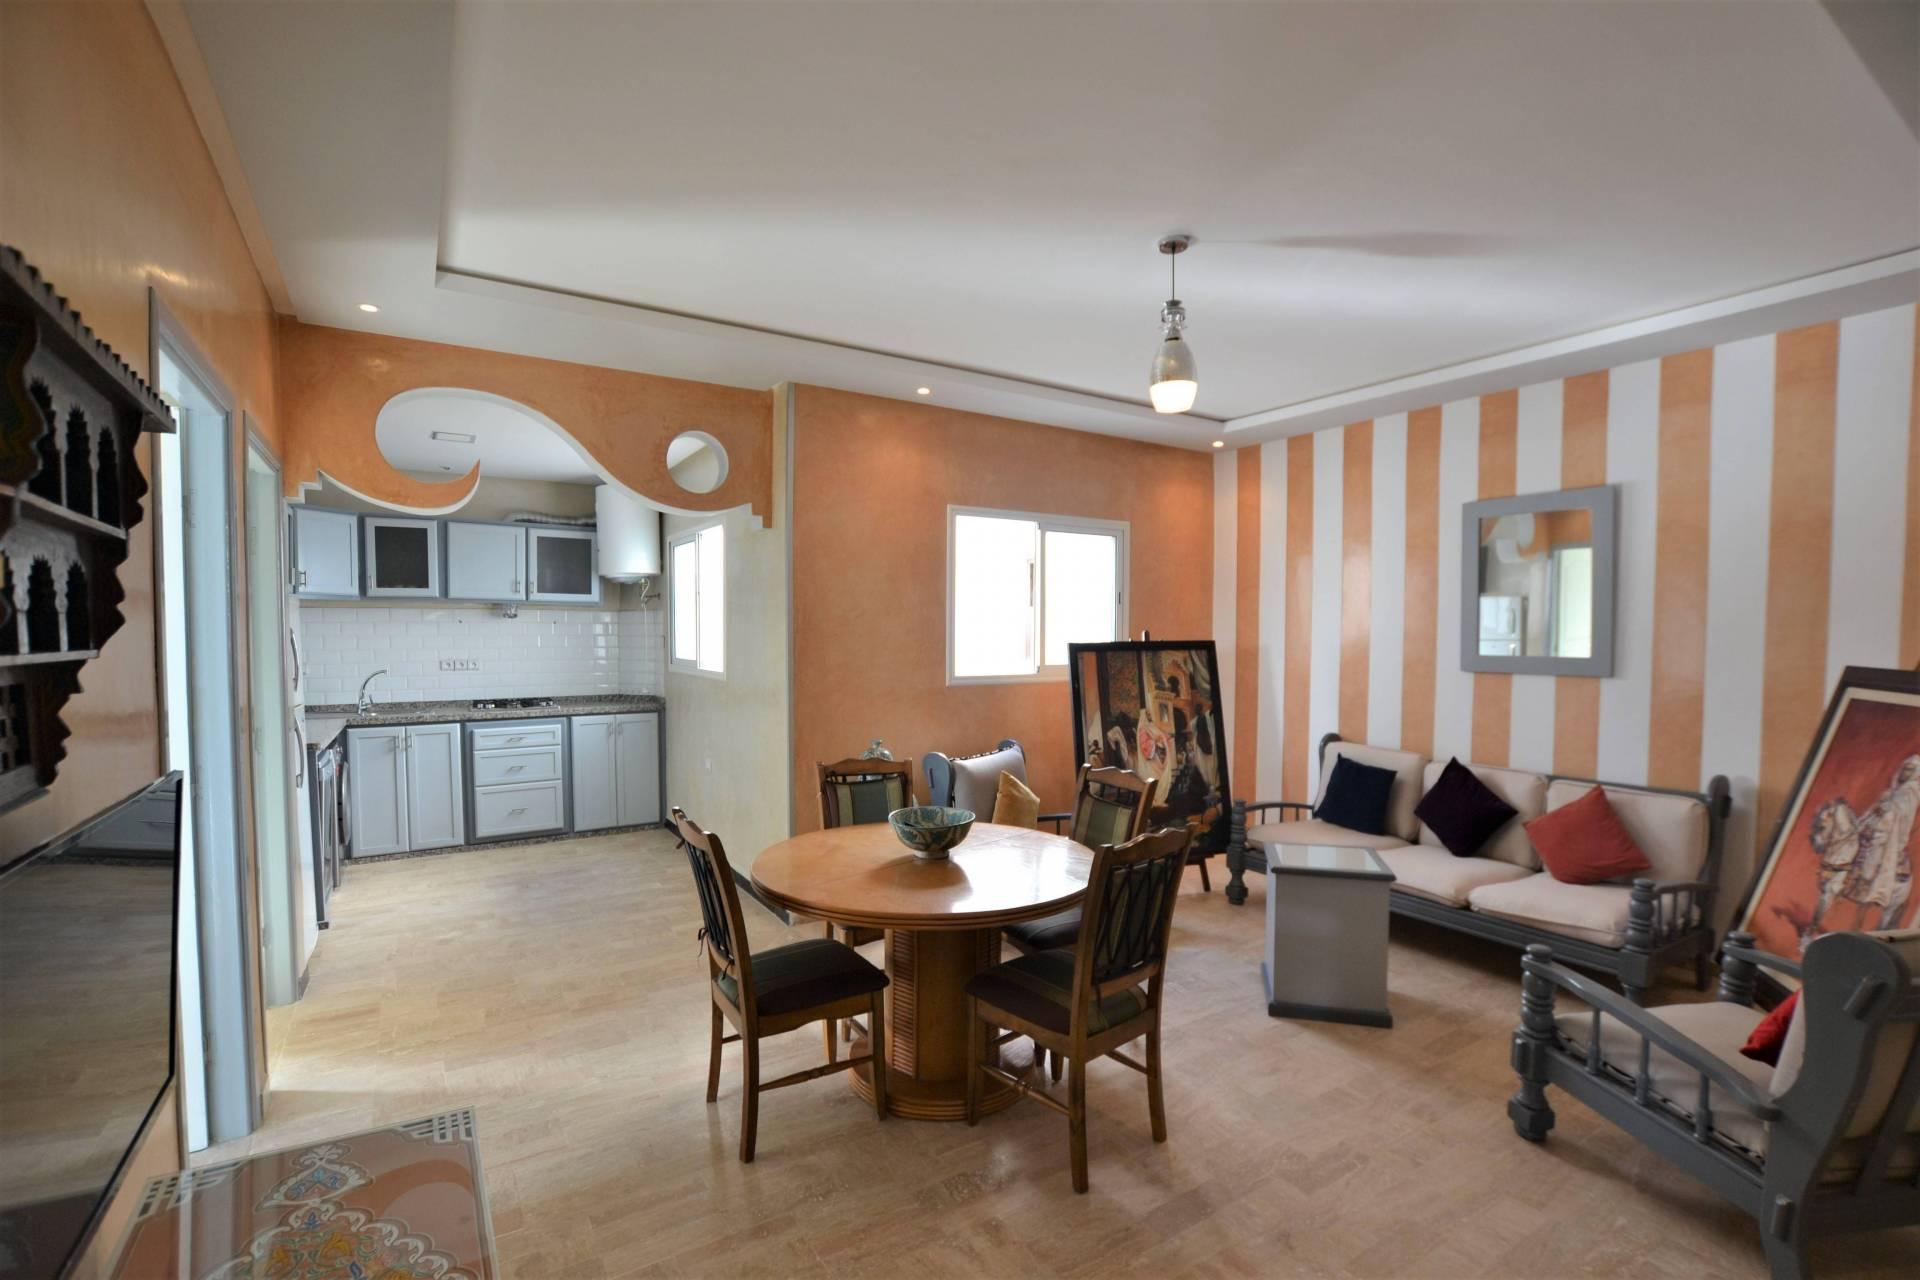 vente appartement 97 m² proche medina Essaouira  (8)